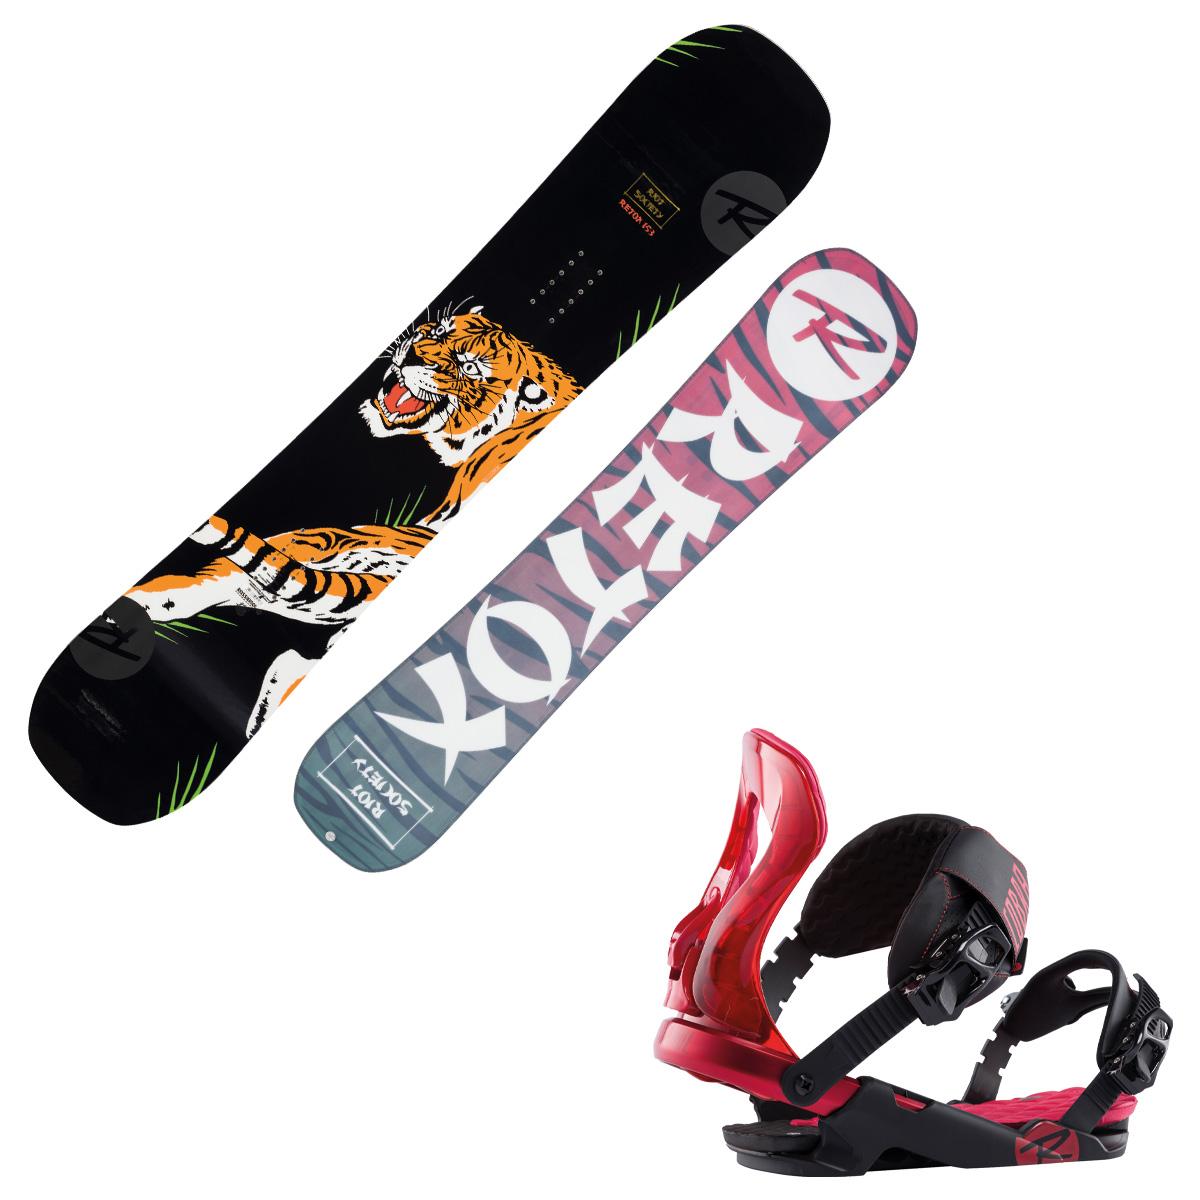 Snowboard Rossignol Retox con attacchi Cobra M/L (Colore: nero fantasia, Taglia: 153)